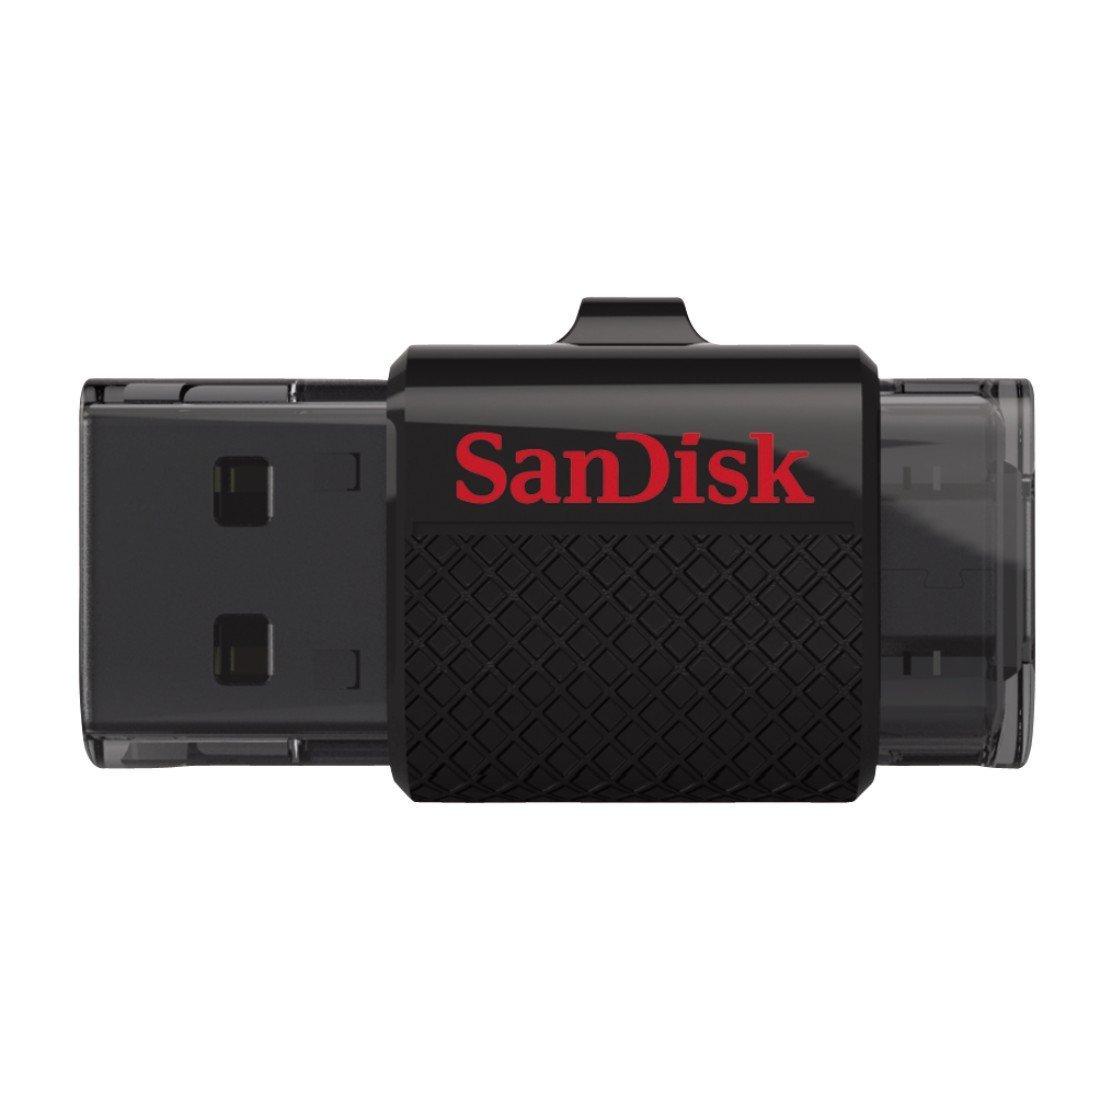 USB Sandisk OTG GAM46 16Gb USB 3.0